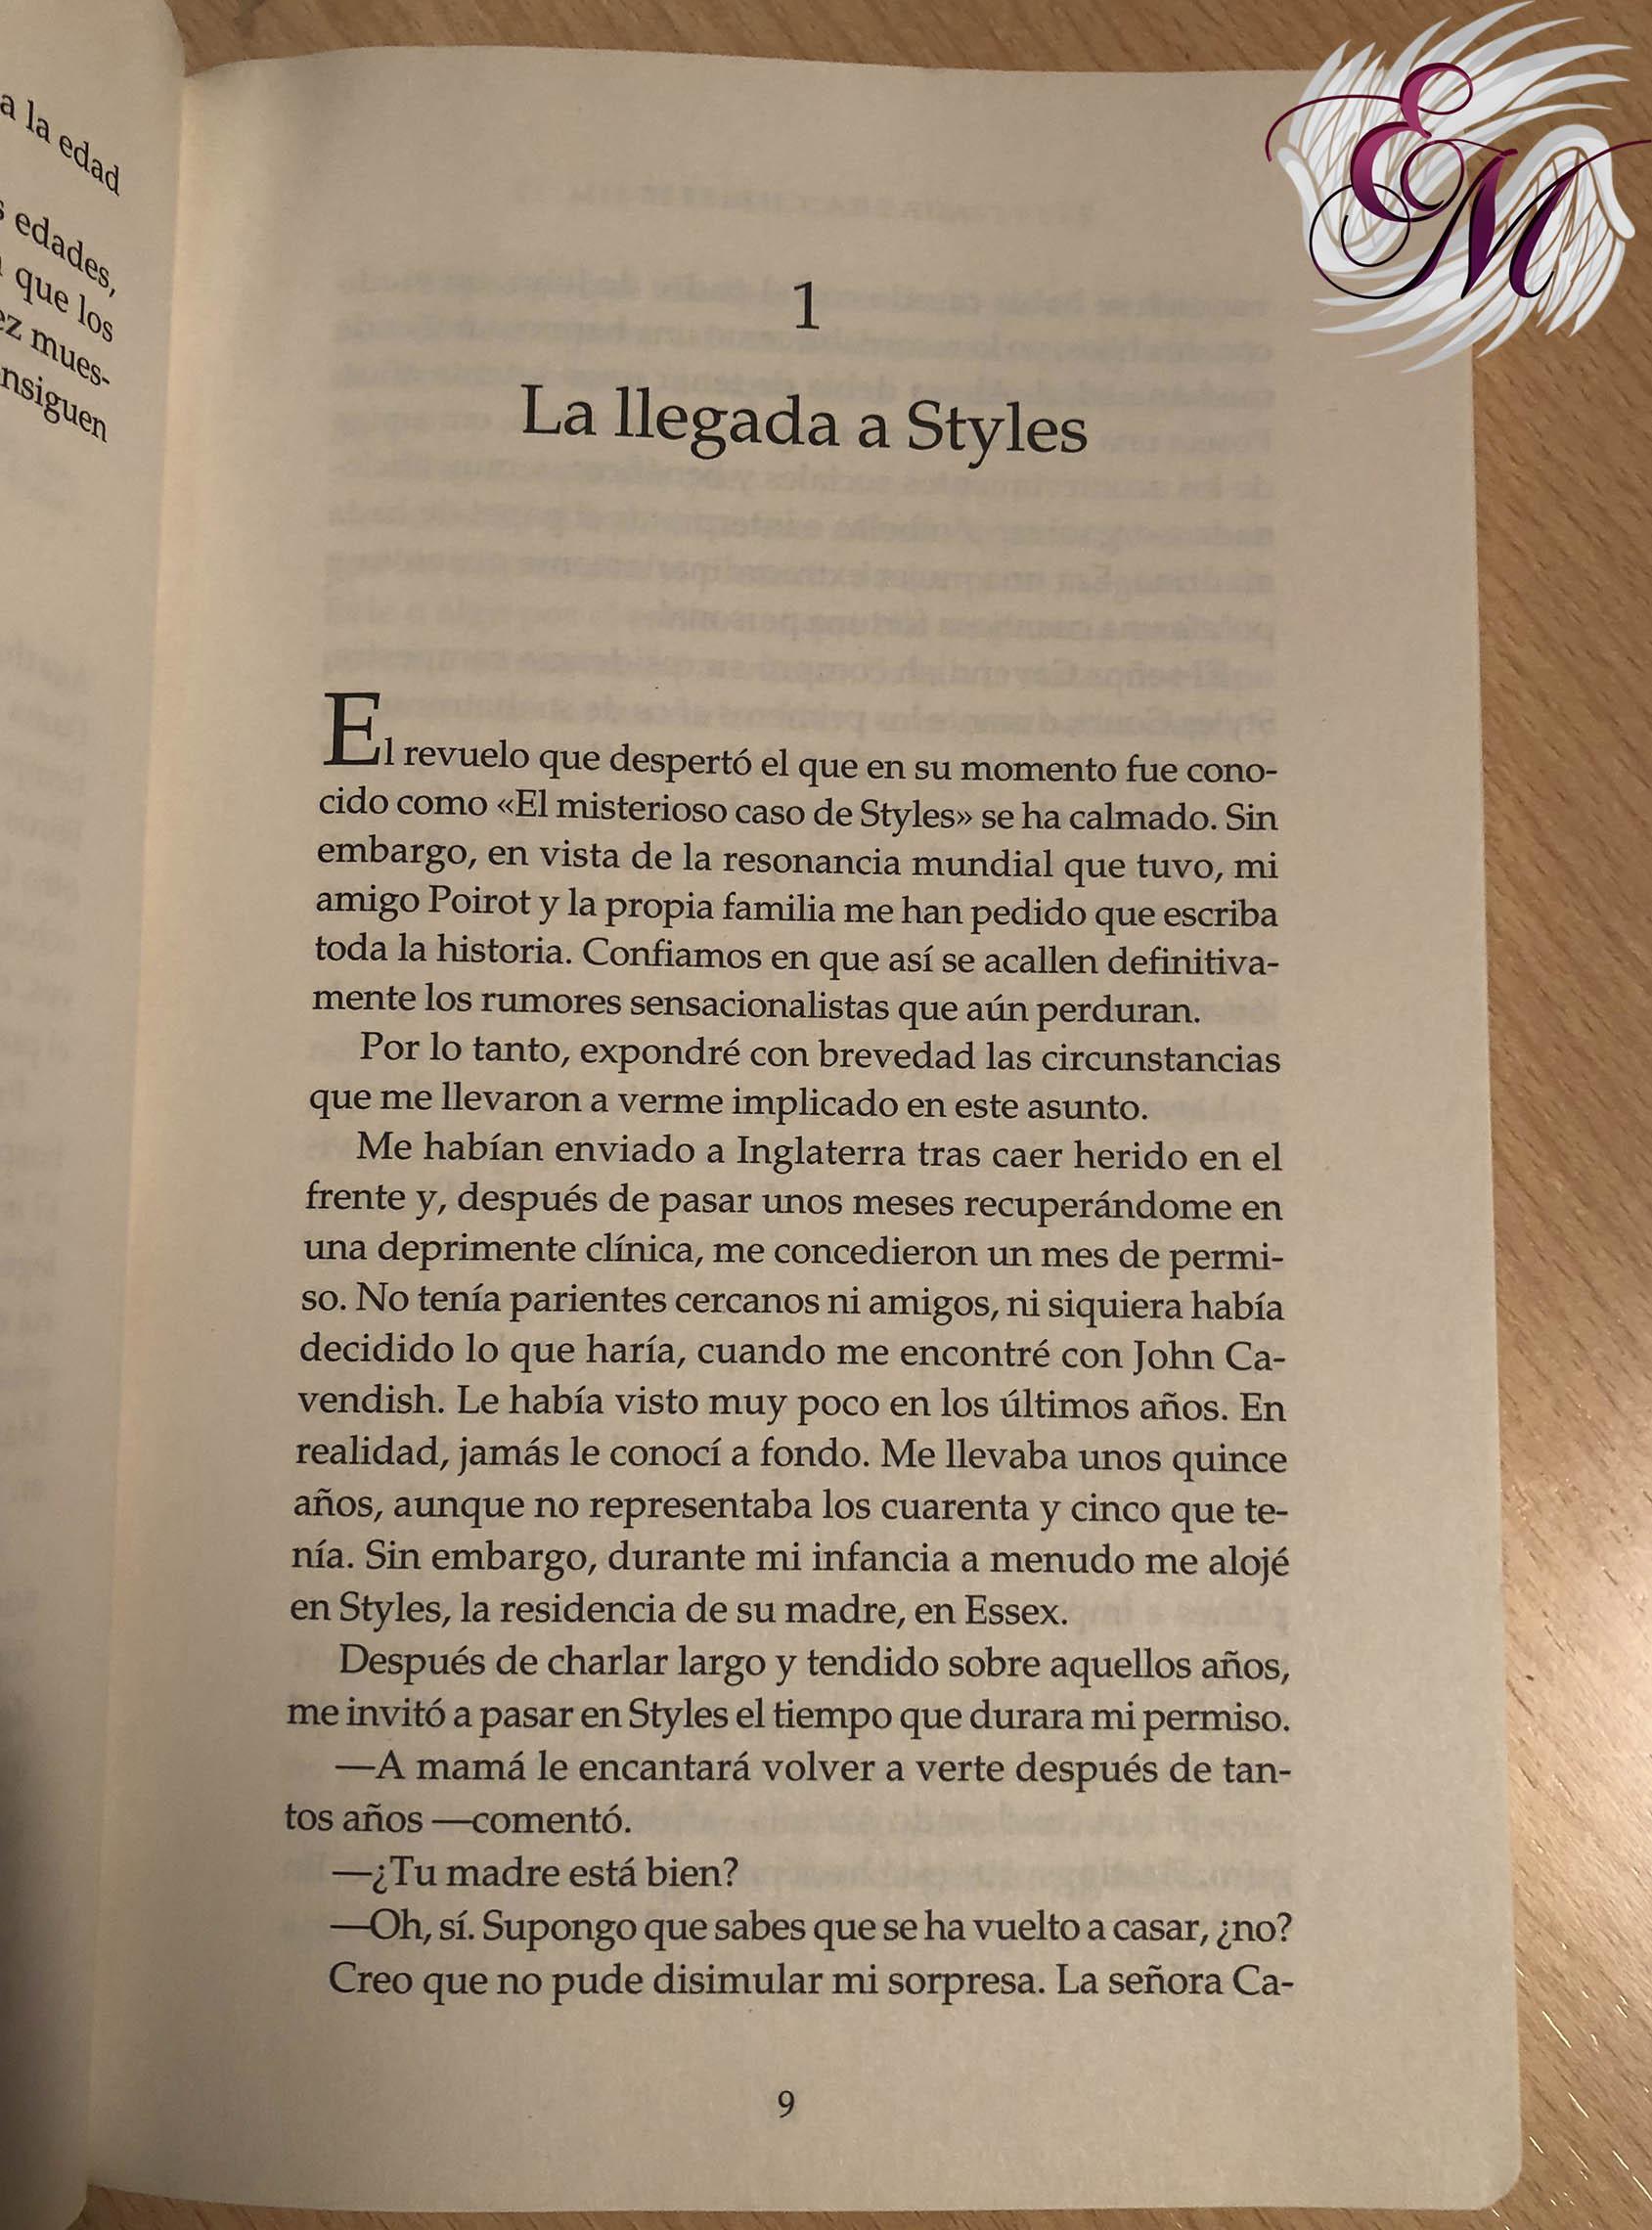 El misterioso caso de Styles, de Agatha Christie - Reseña